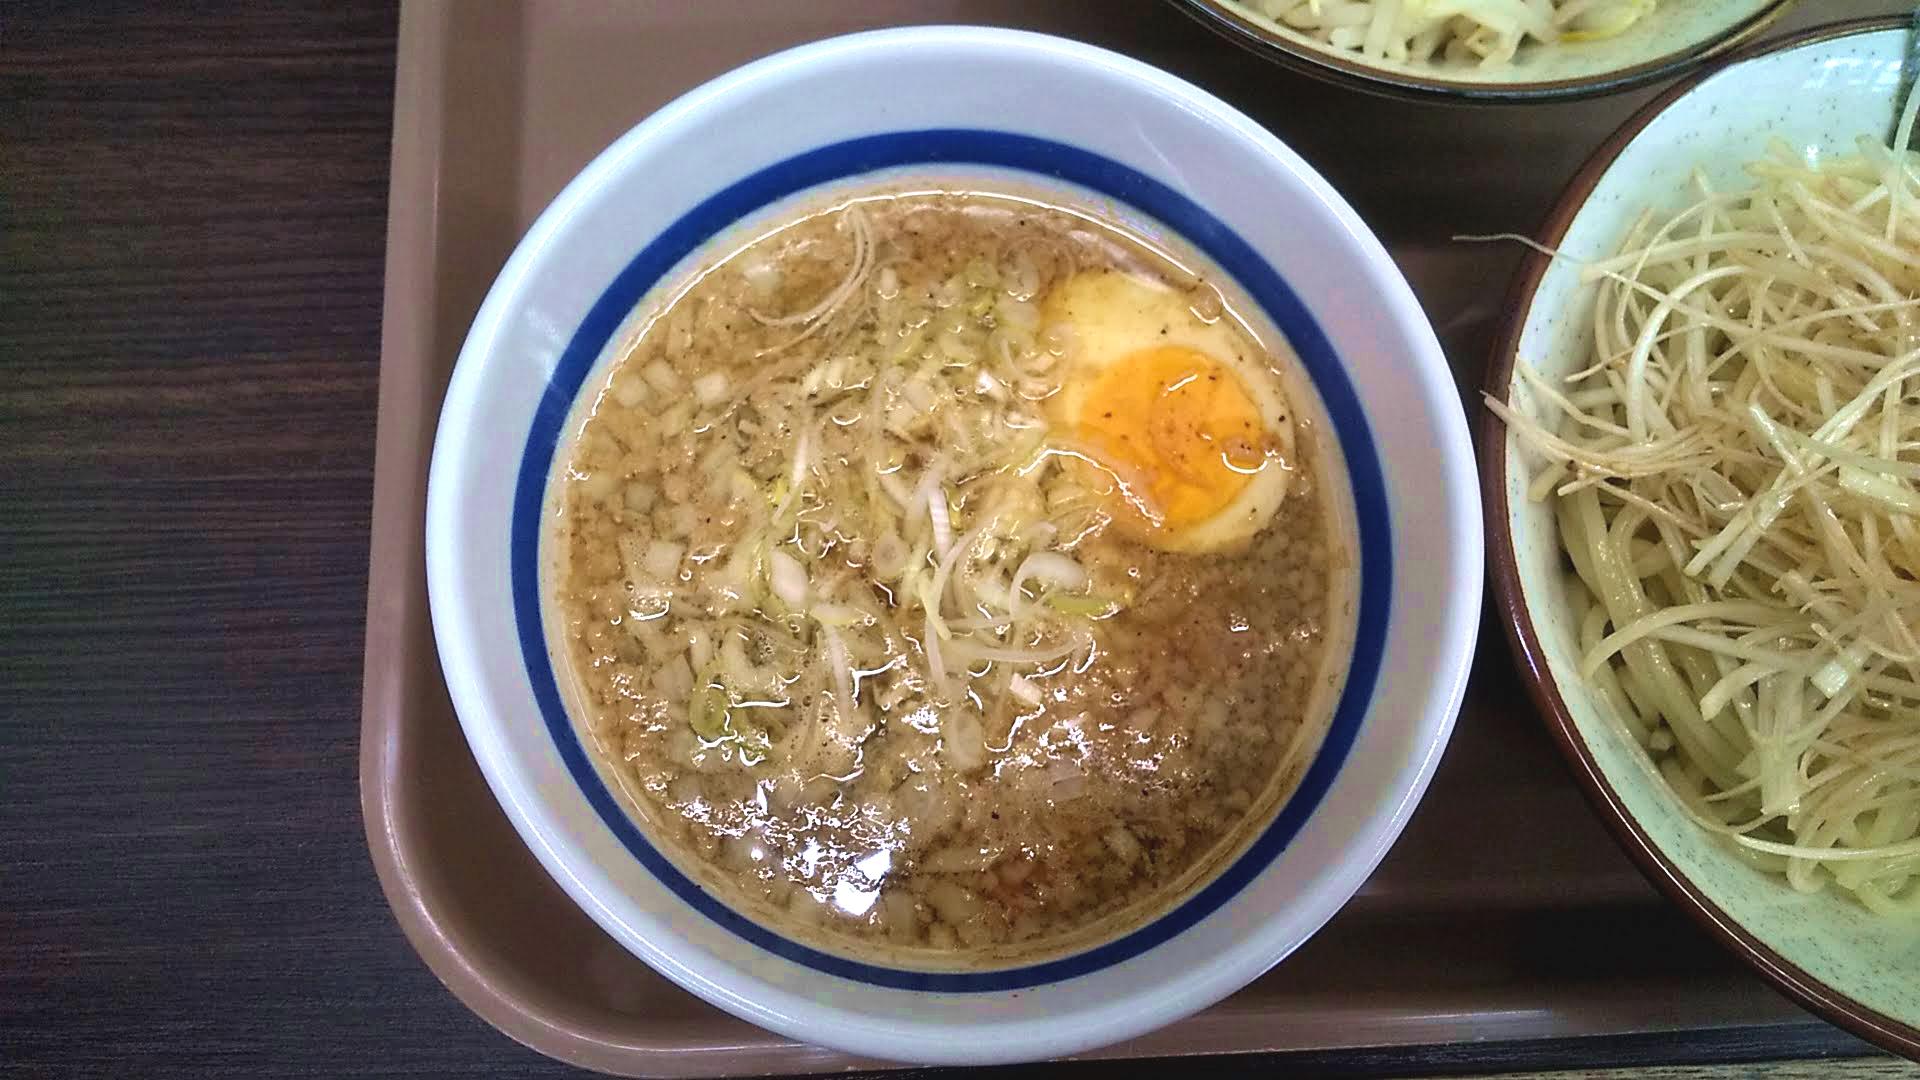 金町角ふじのつけ麺のつけ汁の写真